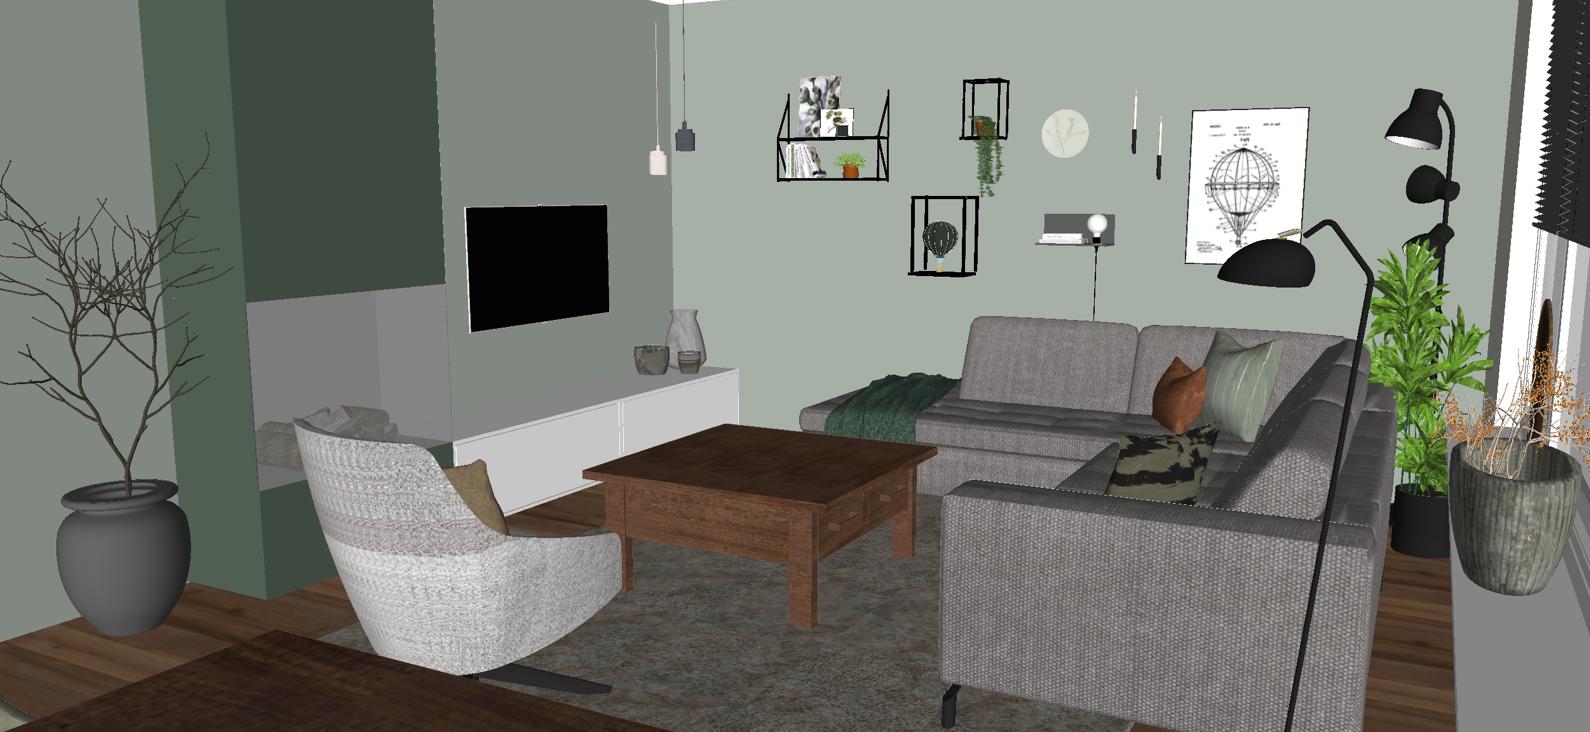 Interieuradvies appartement